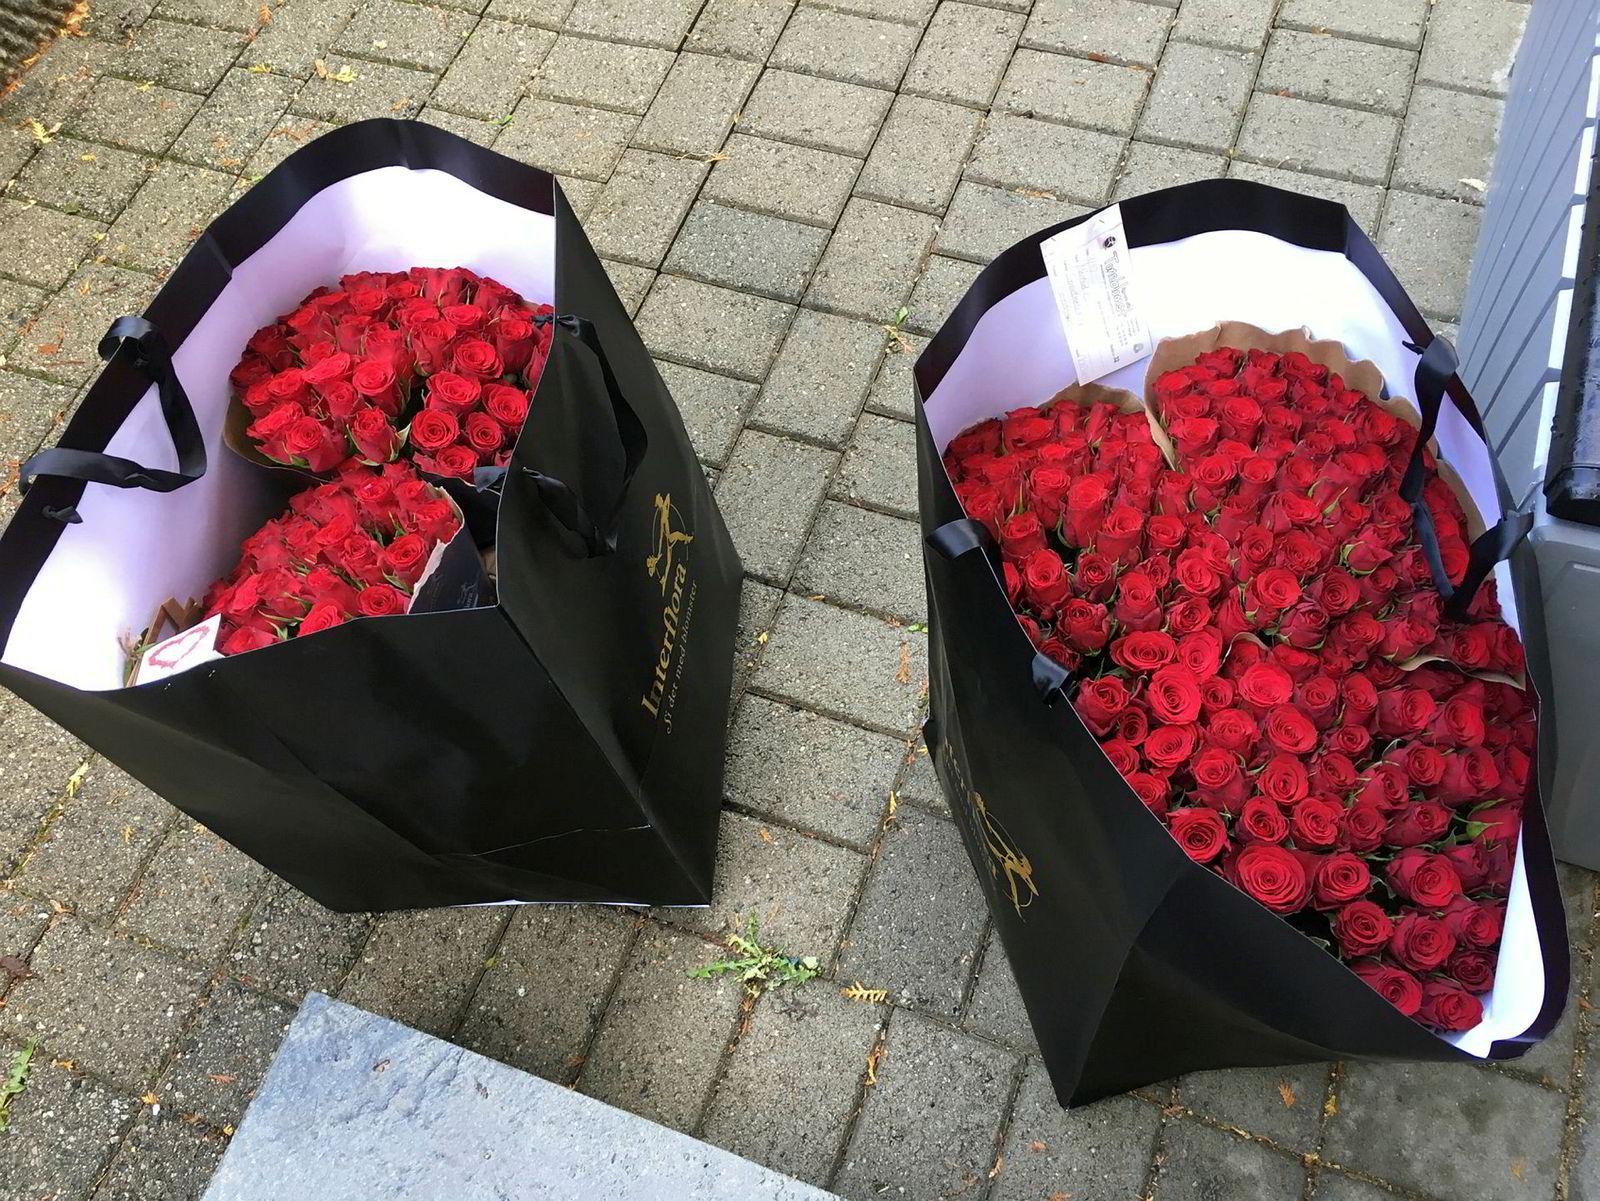 Et bud kom med 300 røde roser og hjertekonfekt fra en anonym avsender til journalisten i Dagens Medisin.